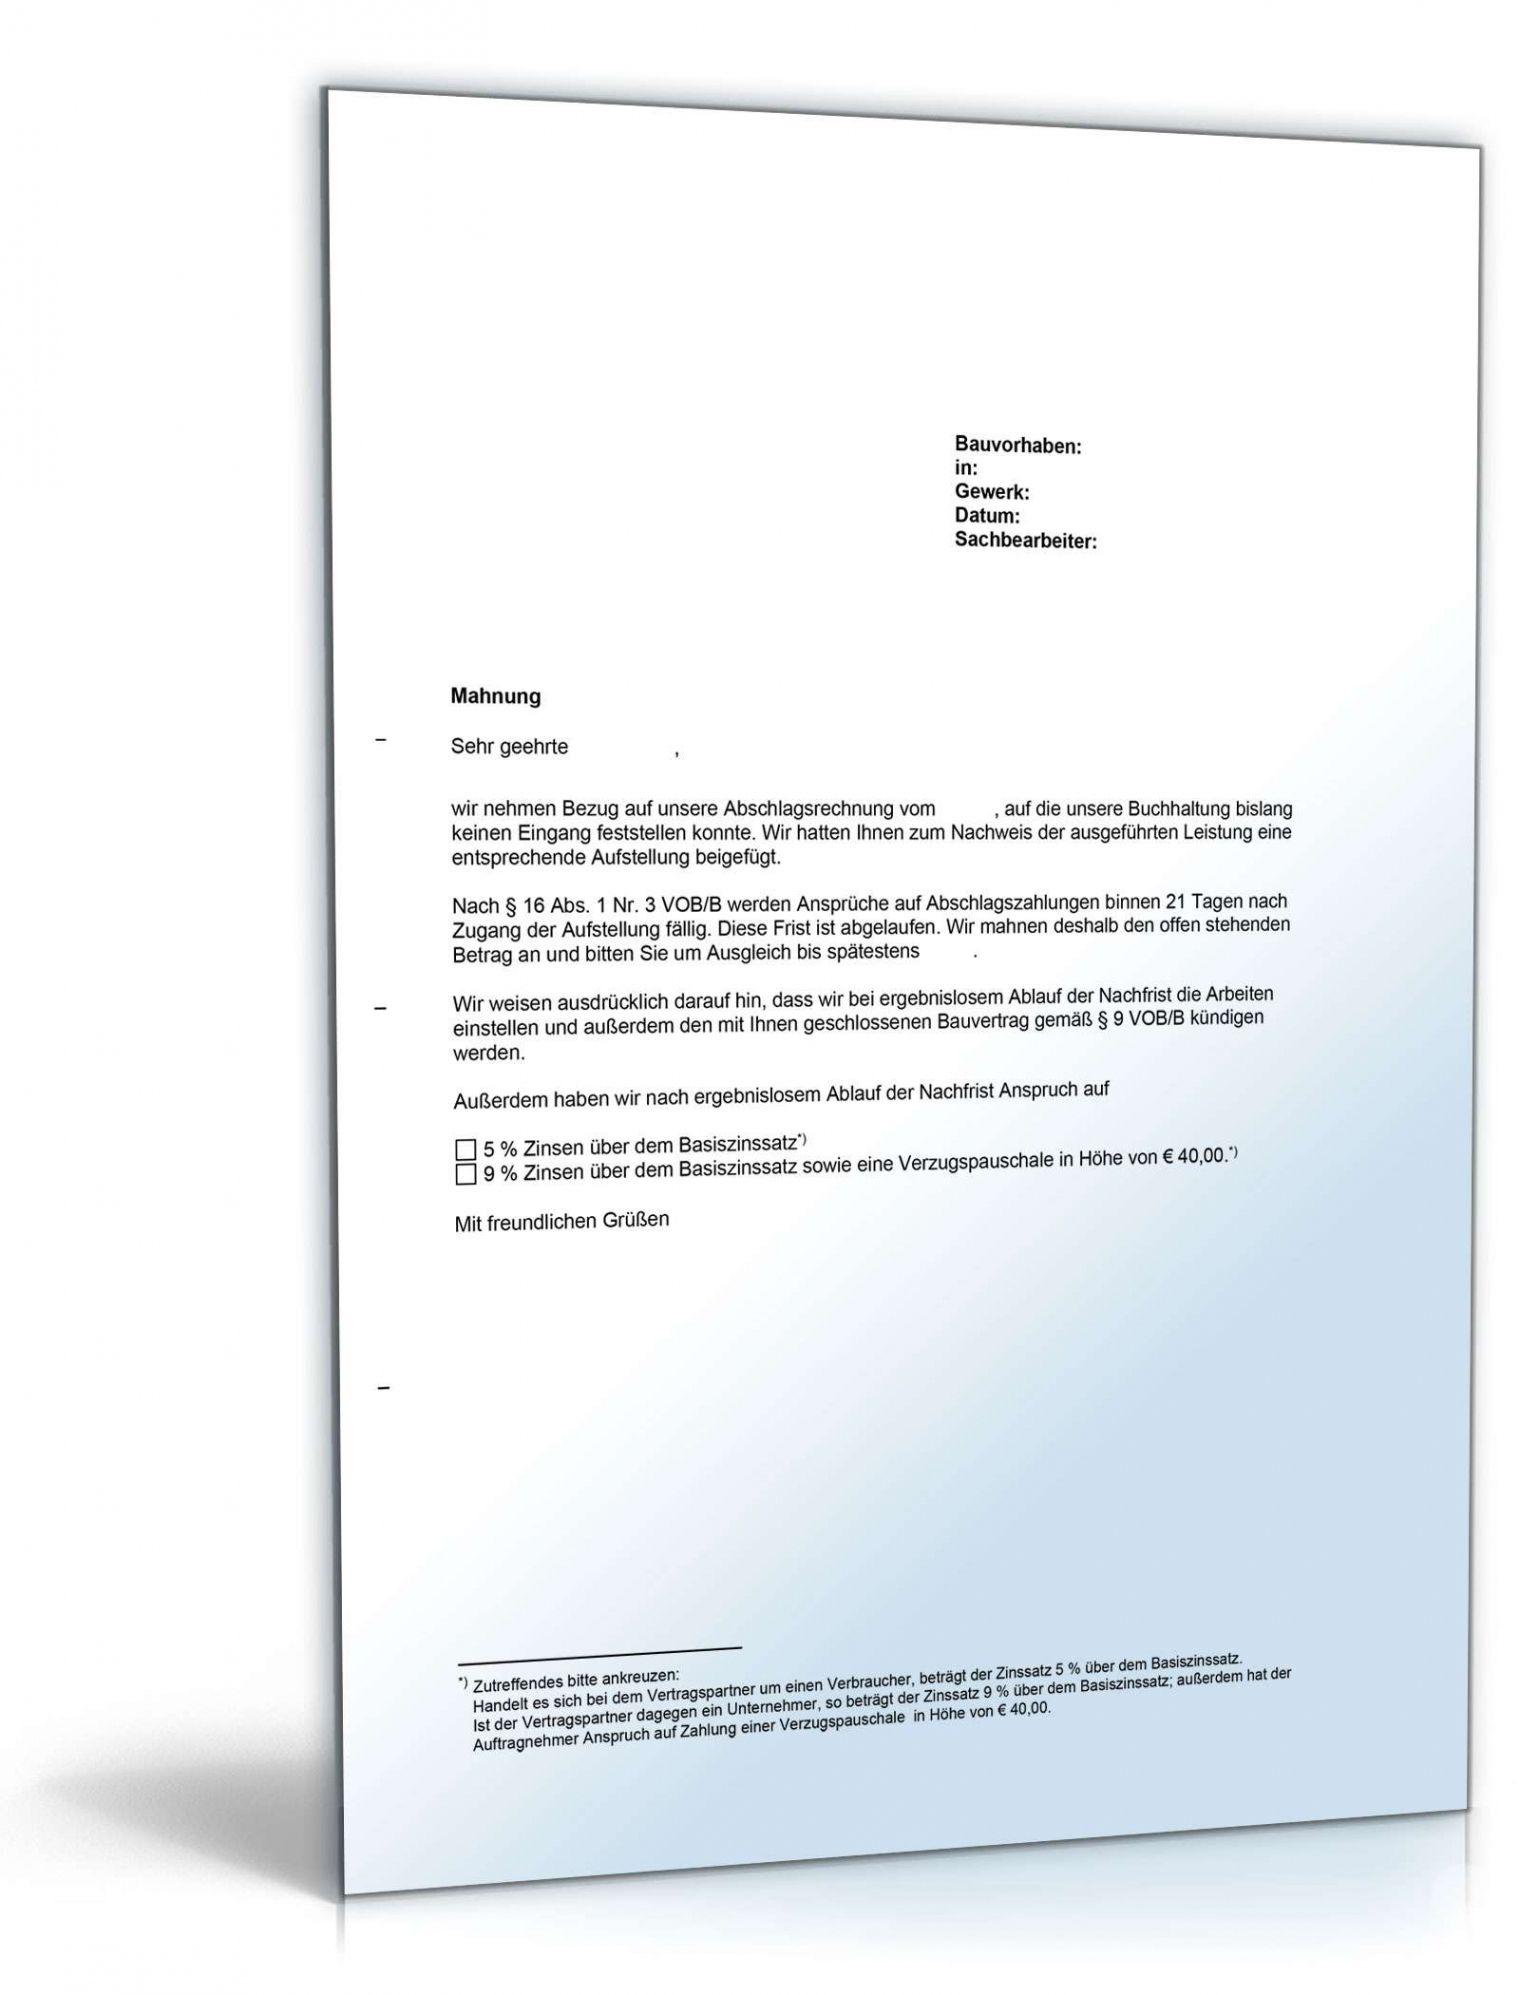 Blattern Unsere Das Image Von Abschlagszahlung Rechnung Vorlage In 2020 Rechnung Vorlage Rechnungsvorlage Abnahmeprotokoll